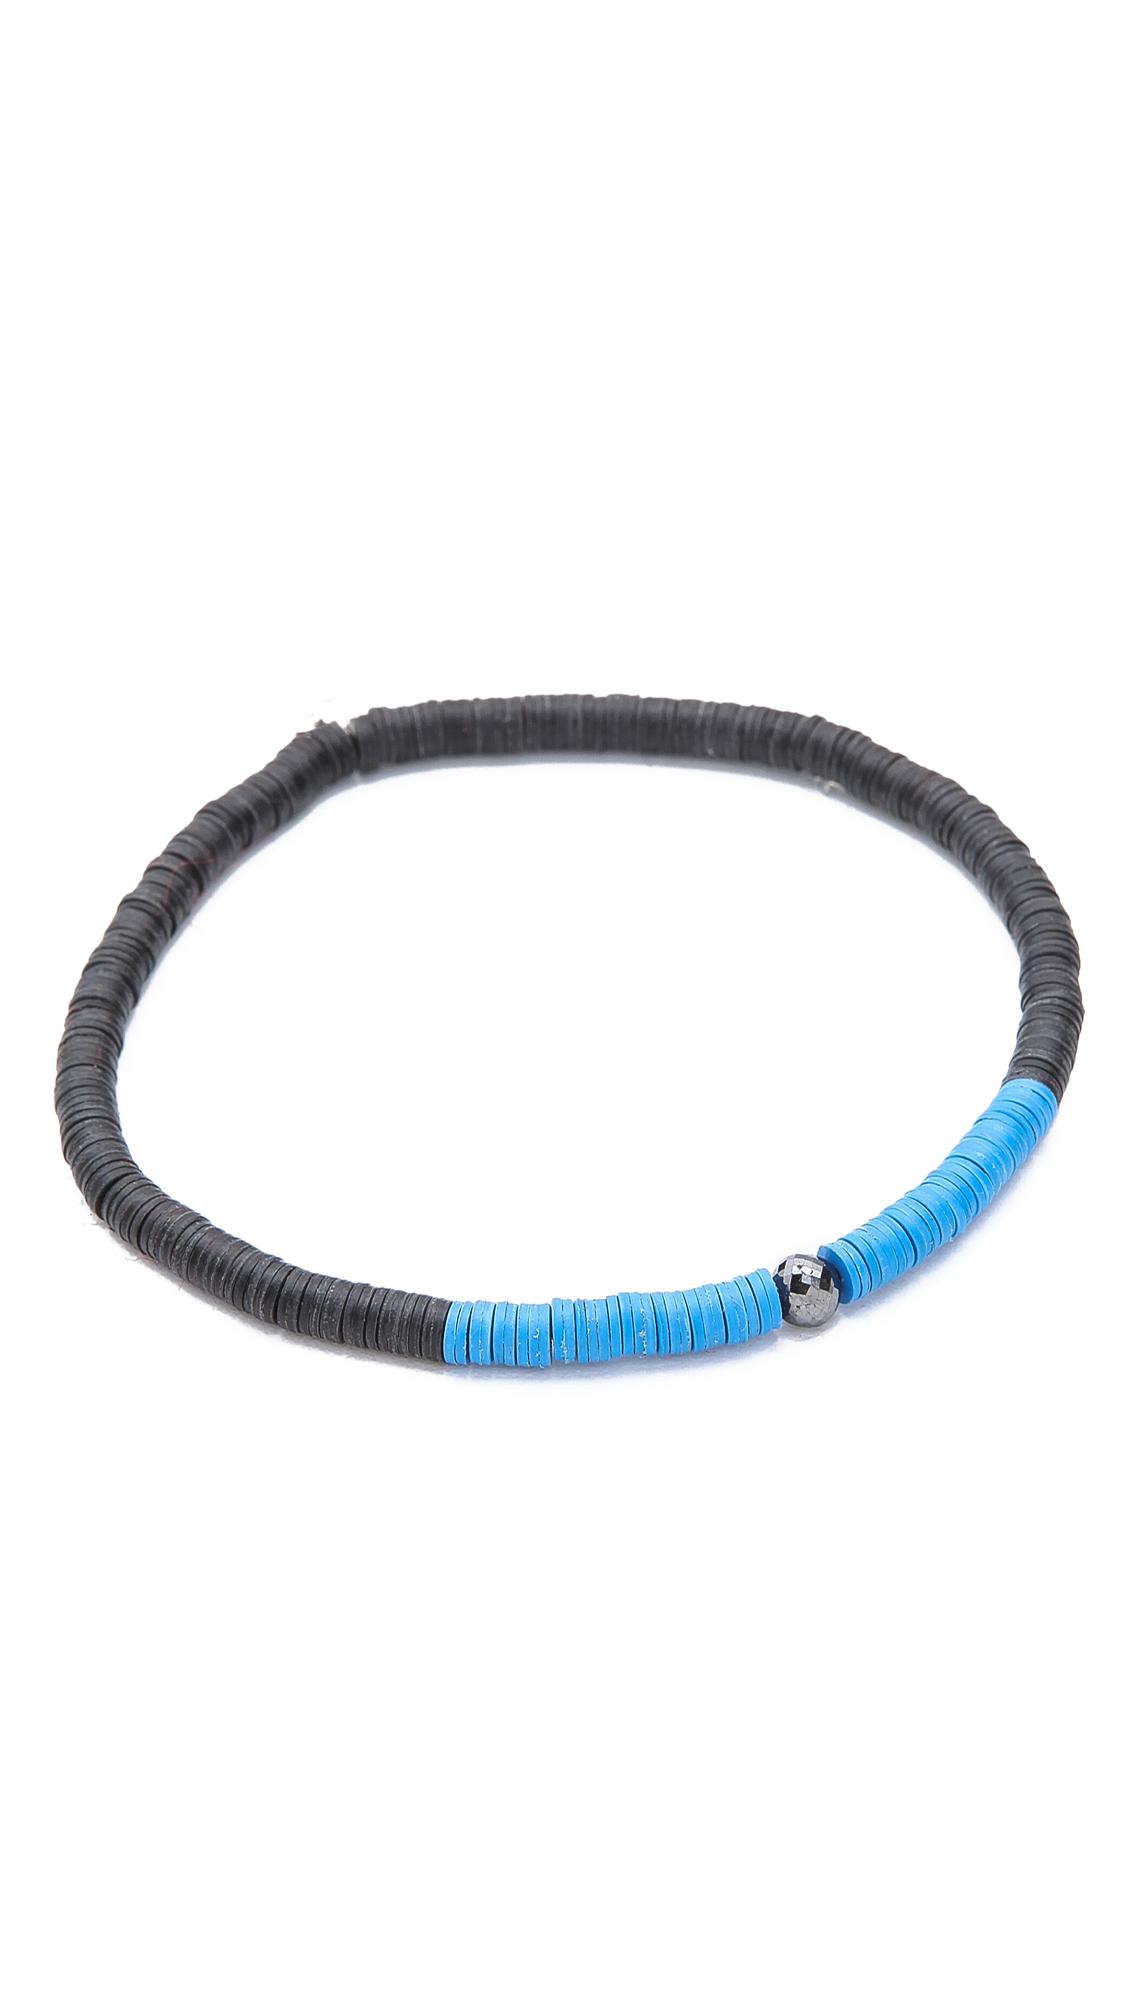 Yuvi Black Diamond Bracelet With African Vinyl In Blue For